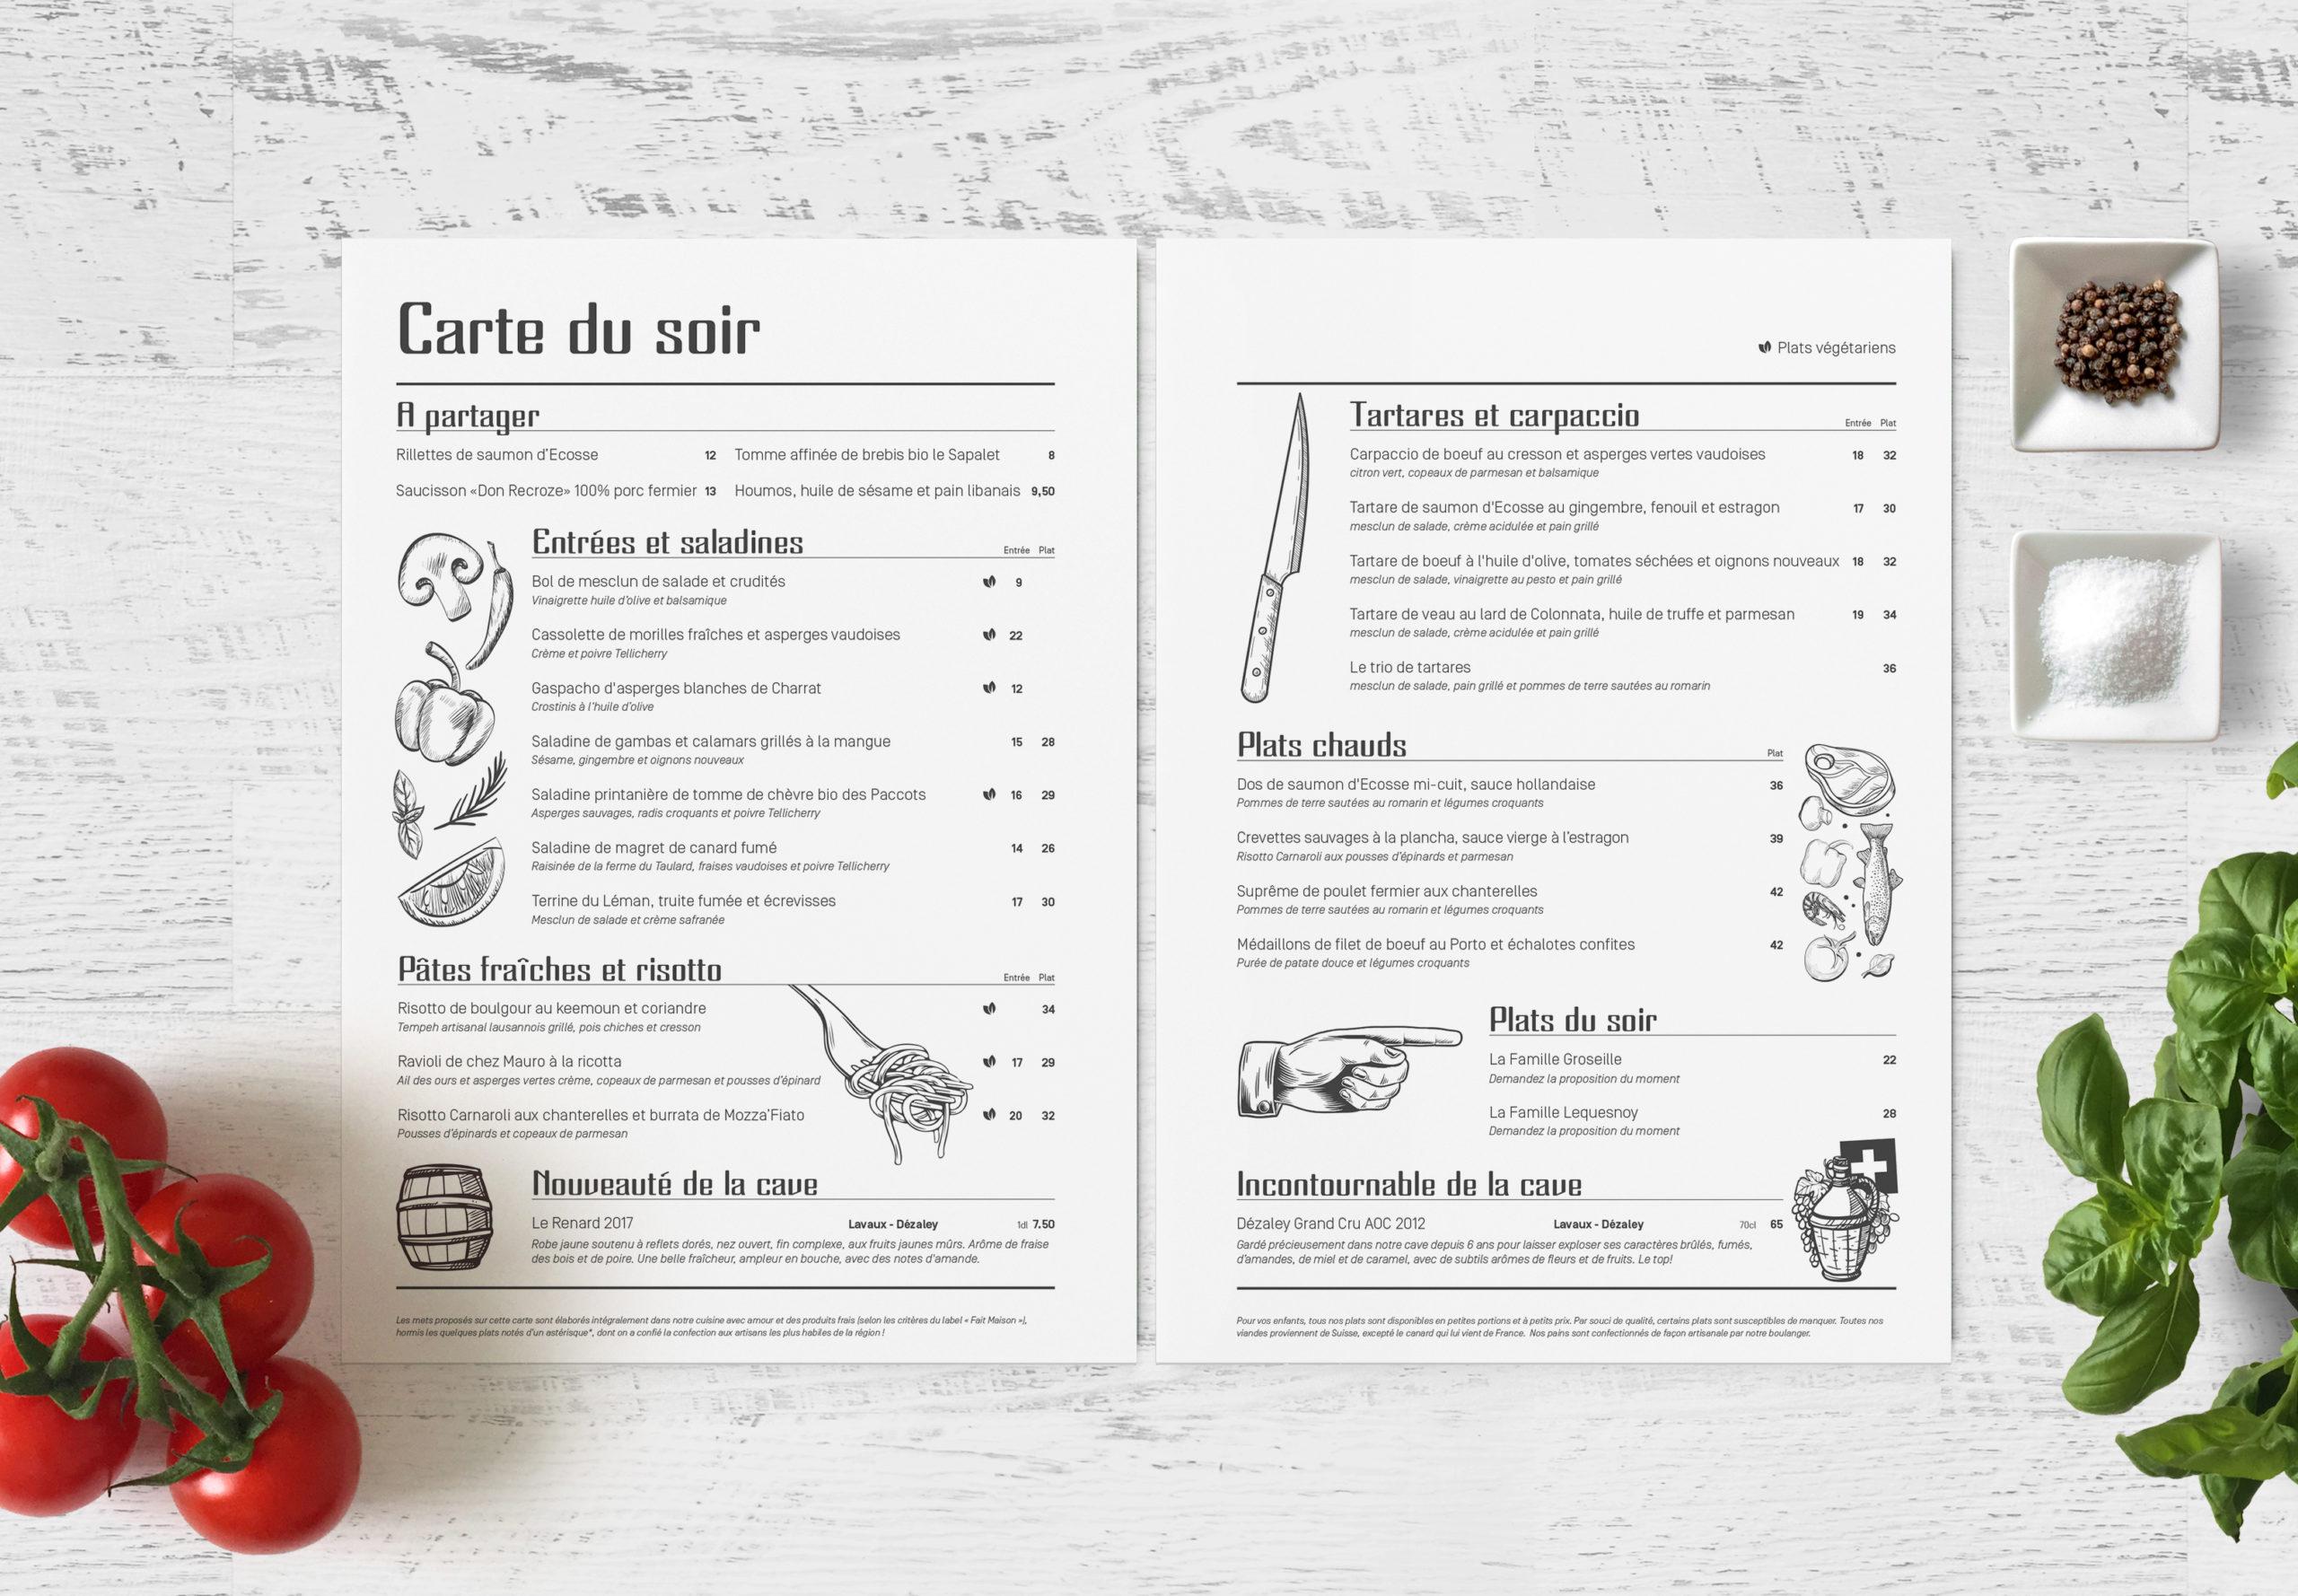 RM - Ricardo Moreira - Imprimés